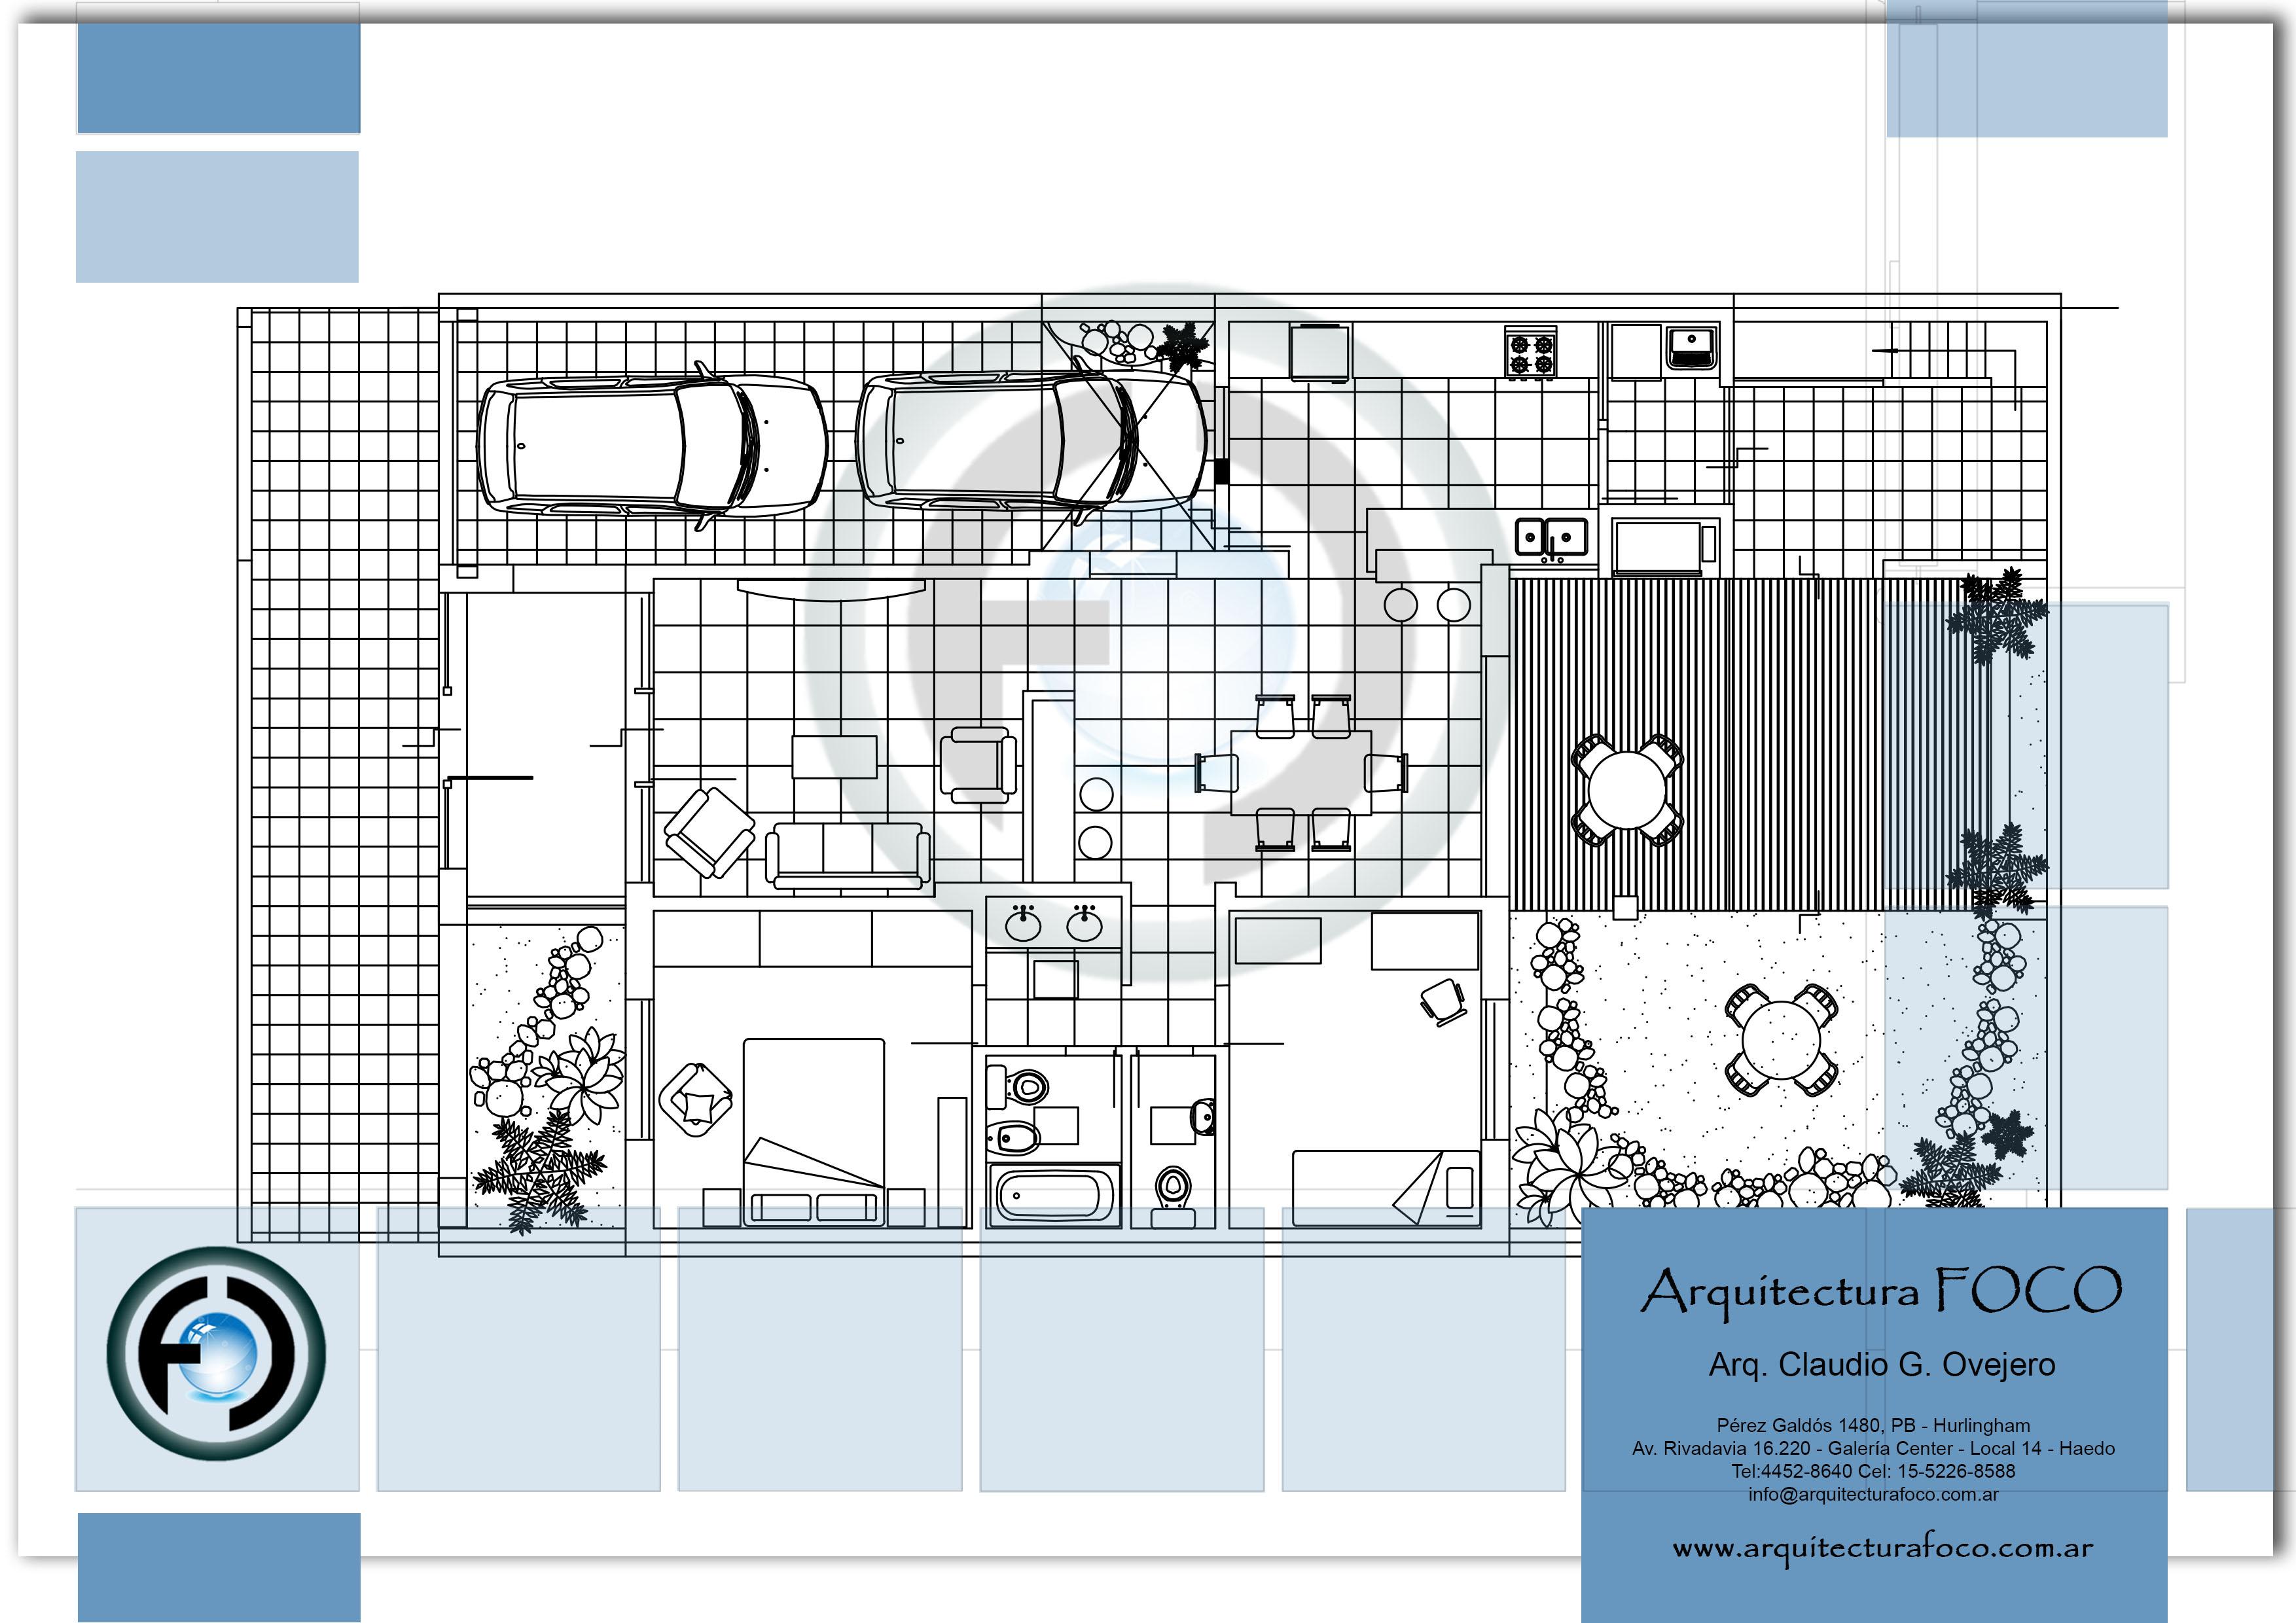 Planta de arquitectura de proyecto unifamiliar en Moron.